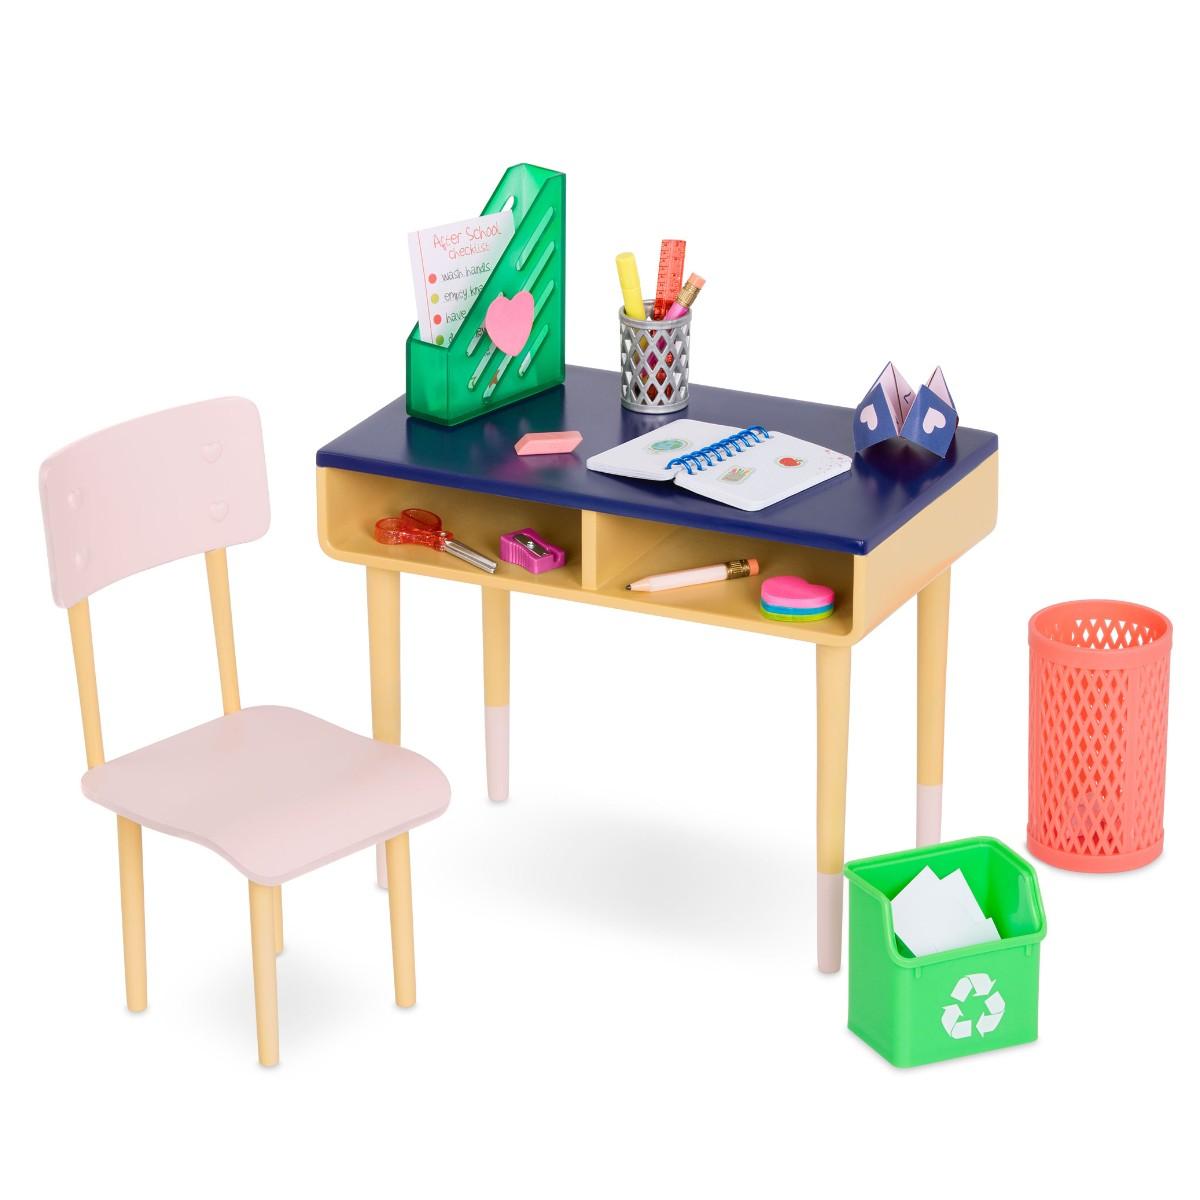 Our Generation - Schreibtisch mit Zubehör (735123)